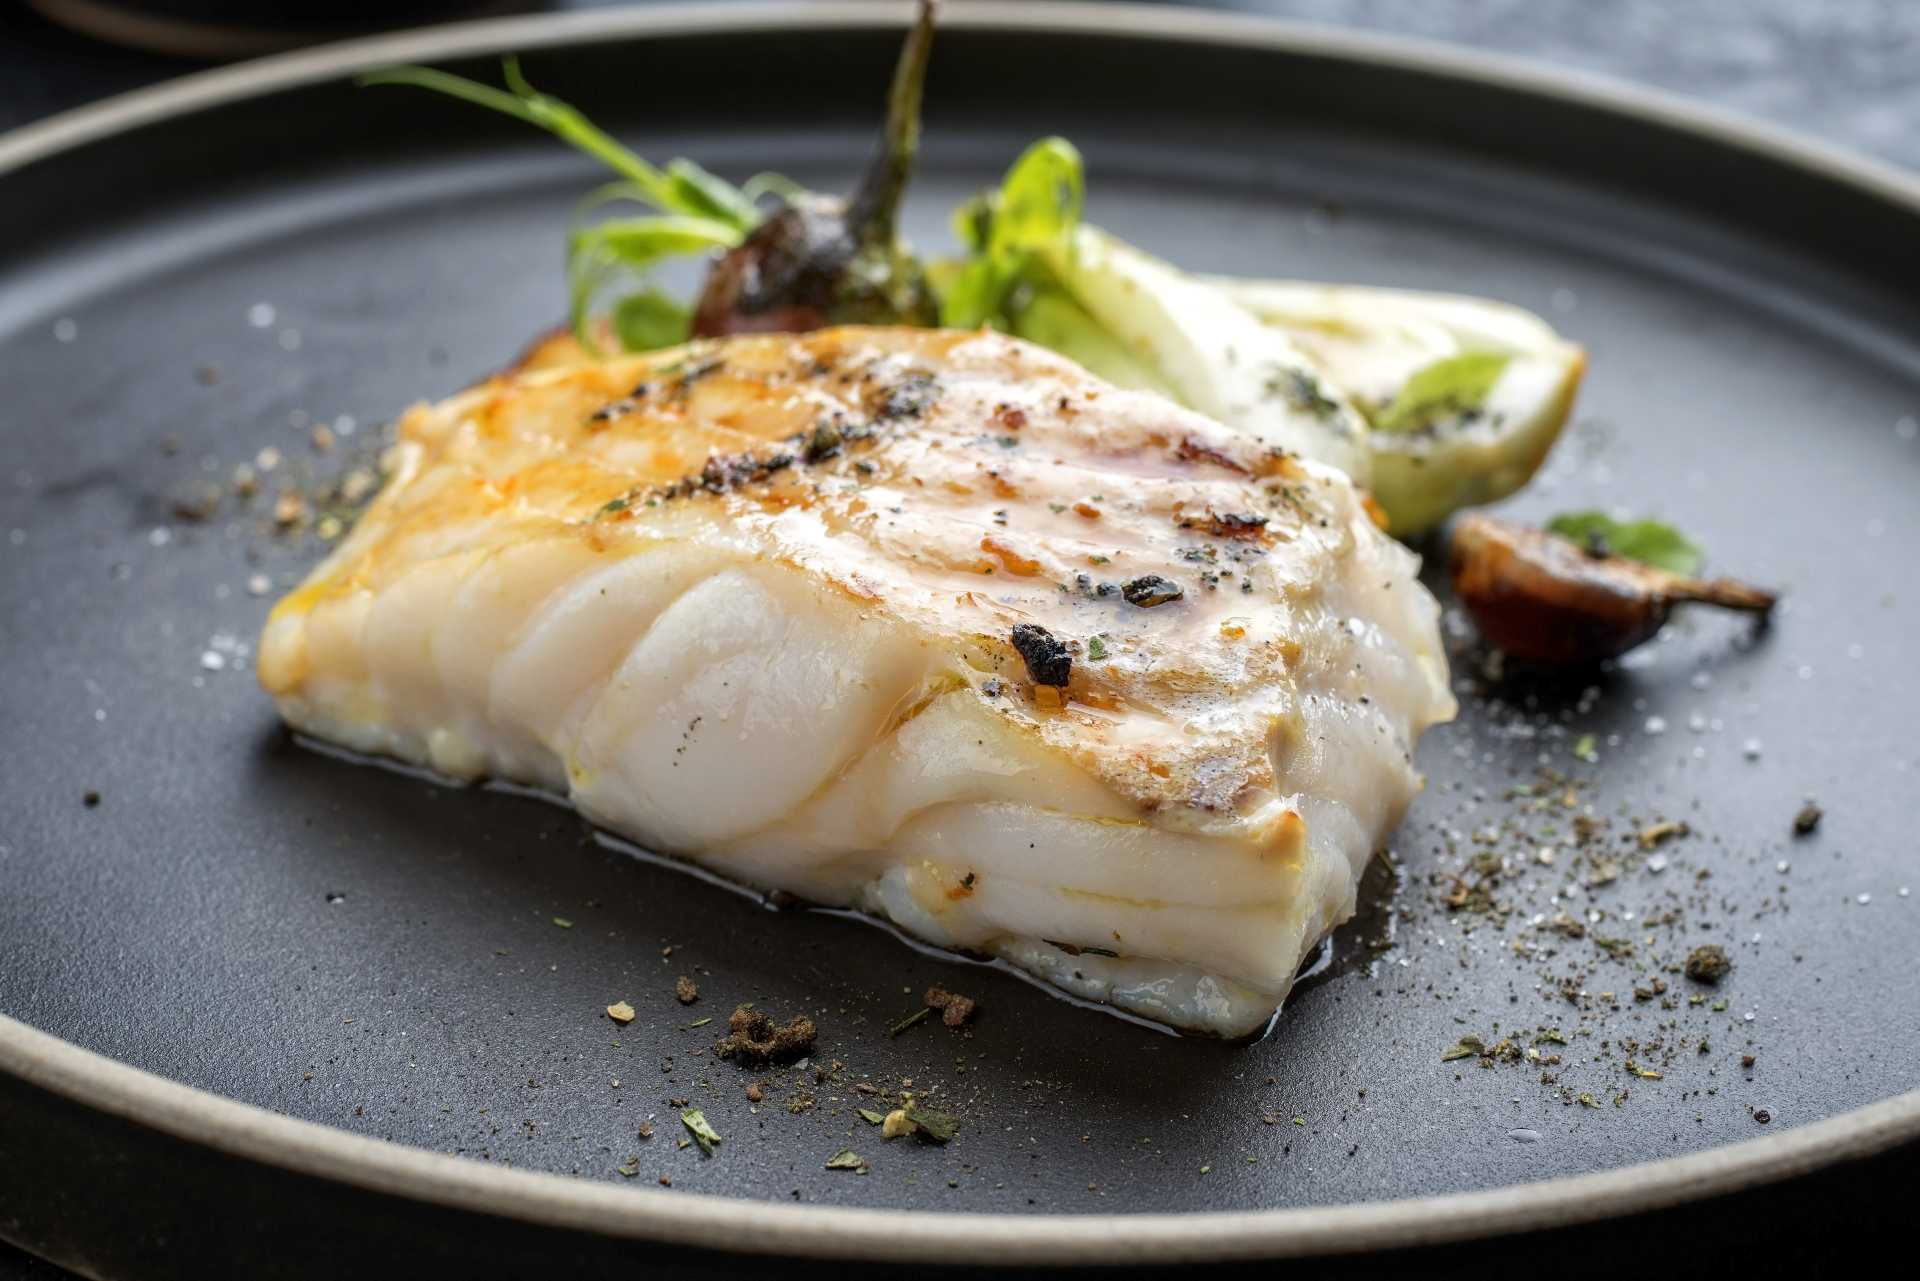 acuicultura de españa filete de pescado blanco cocinado